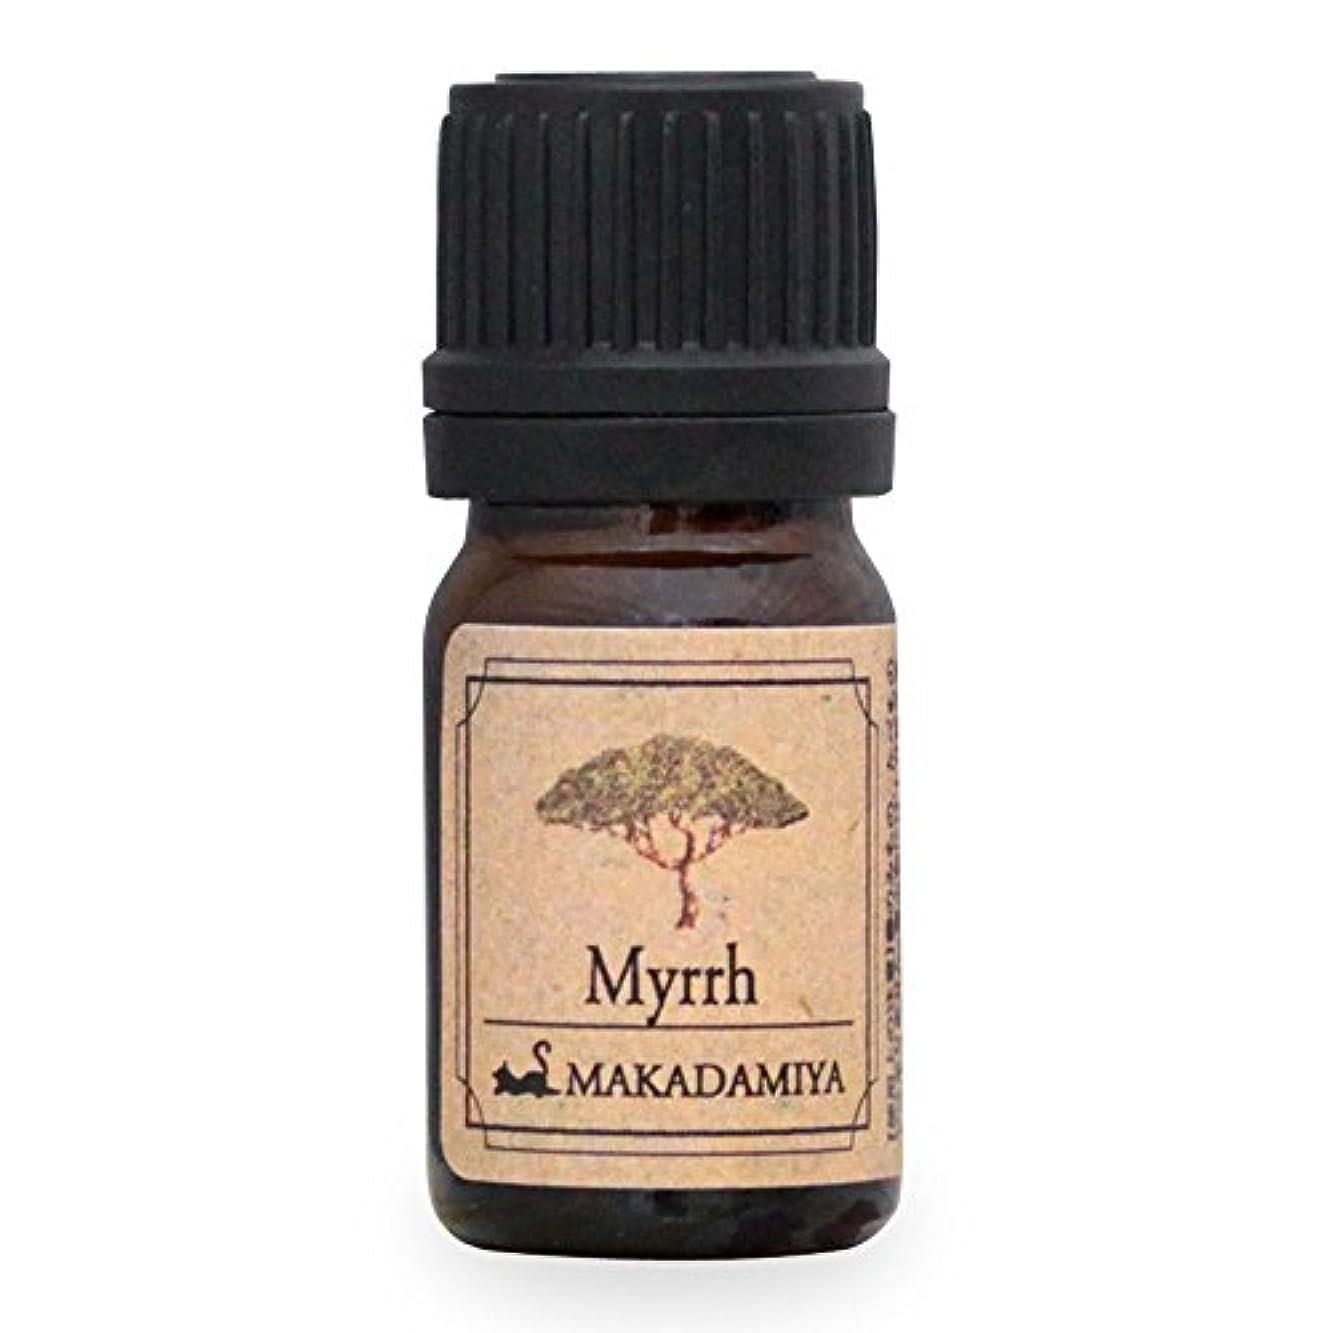 減衰セラー大人ミルラ5ml 天然100%植物性 エッセンシャルオイル(精油) アロマオイル アロママッサージ aroma Myrrh